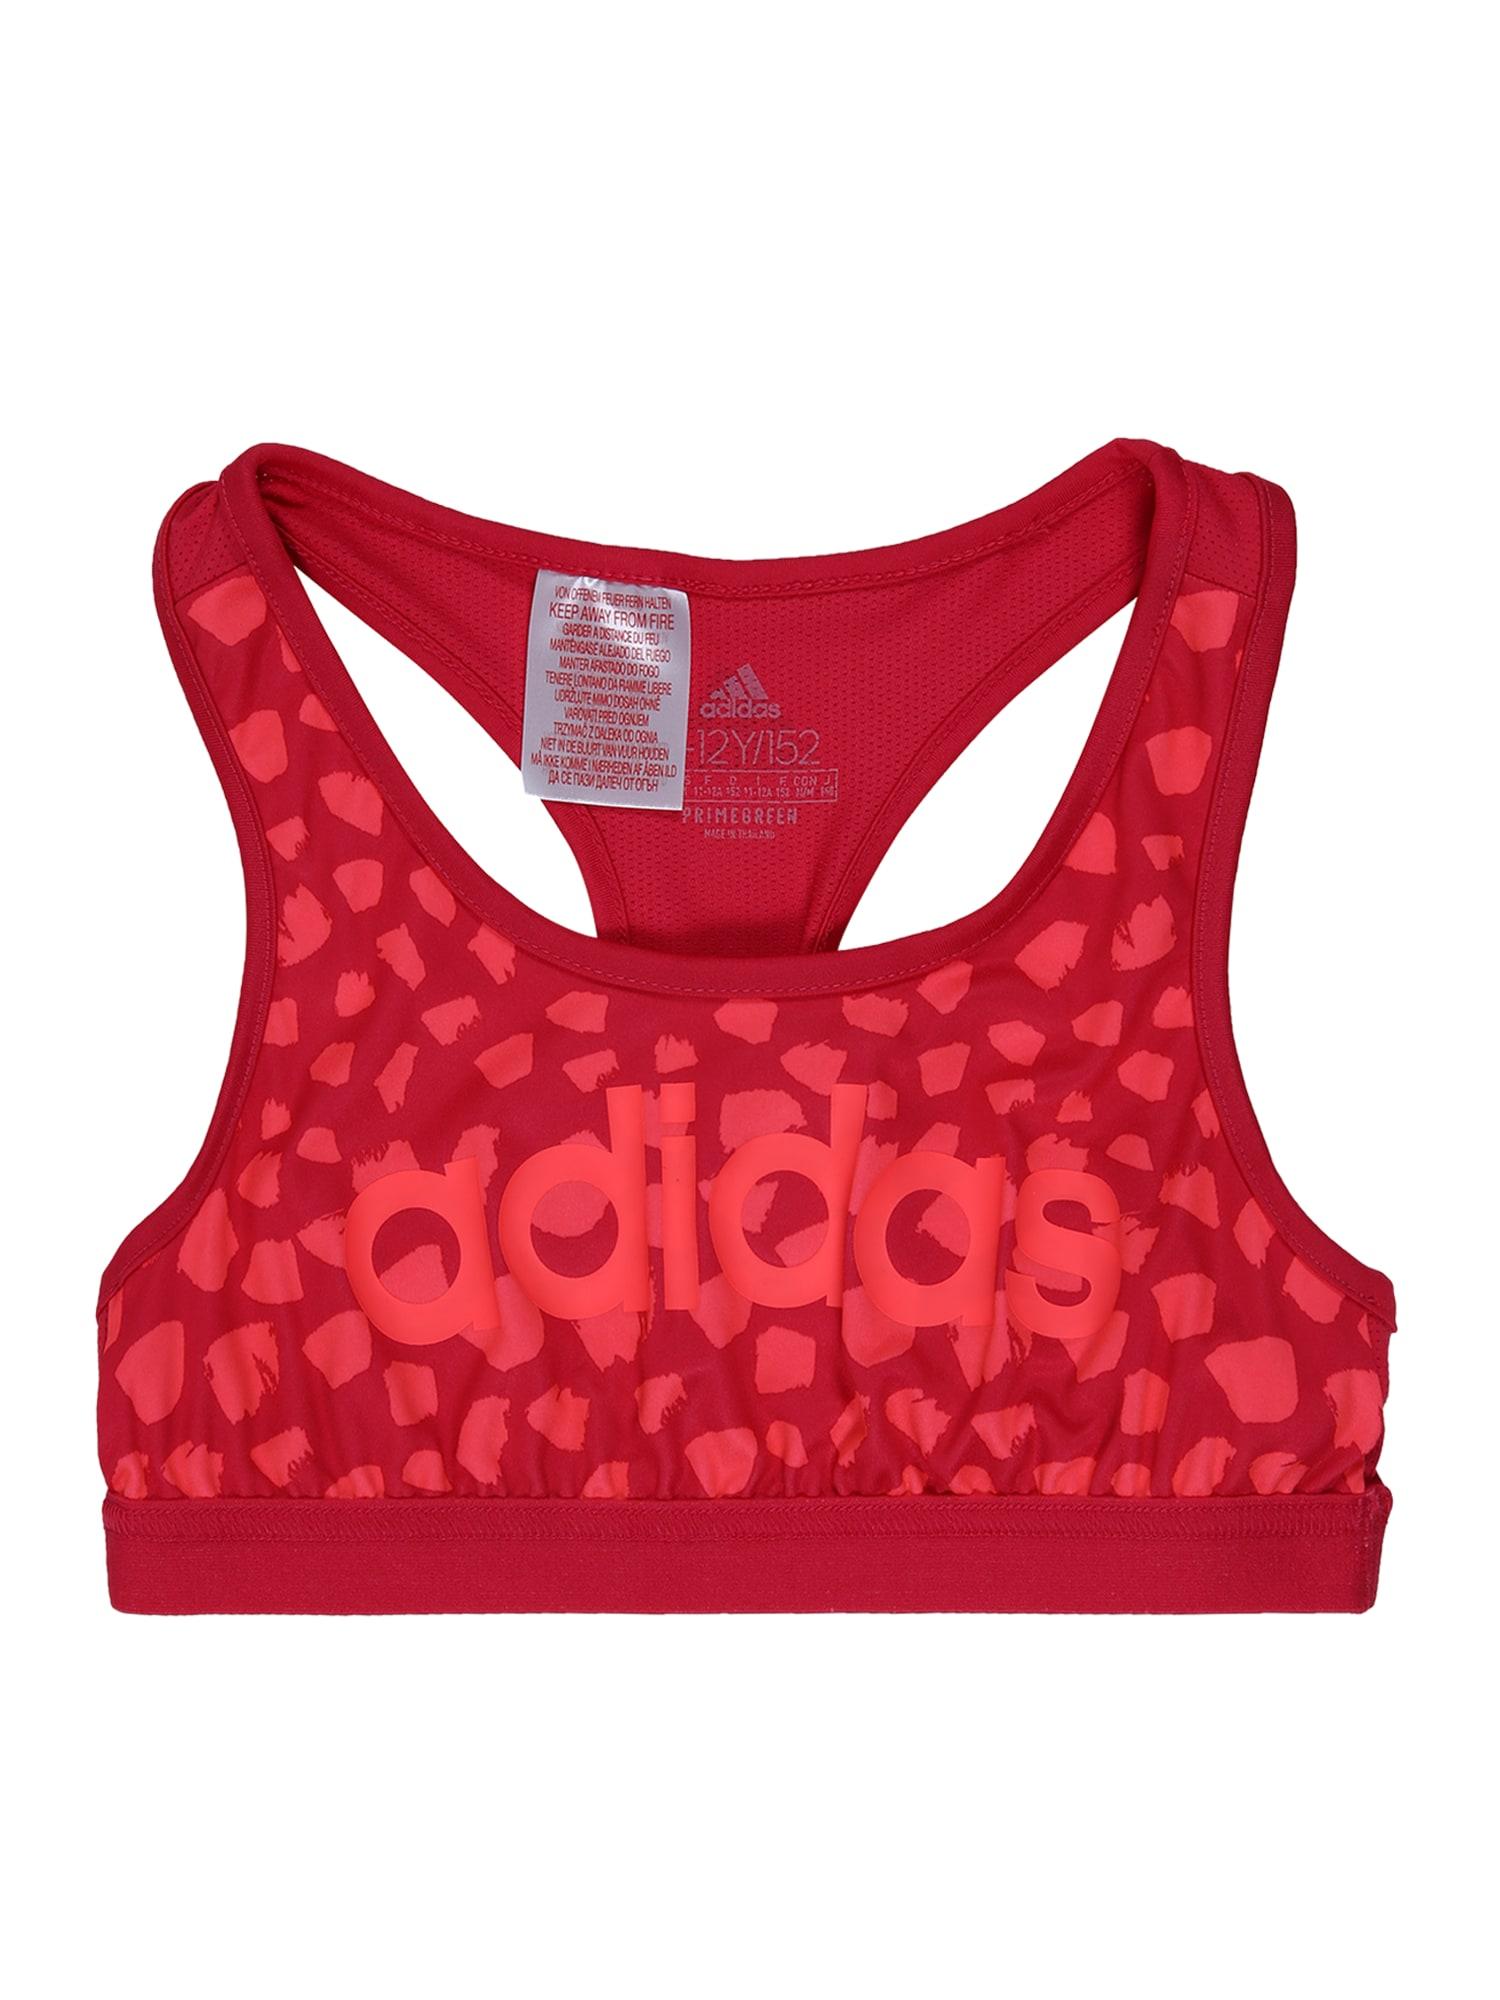 ADIDAS PERFORMANCE Sportiniai marškinėliai be rankovių karmino raudona / šviesiai raudona